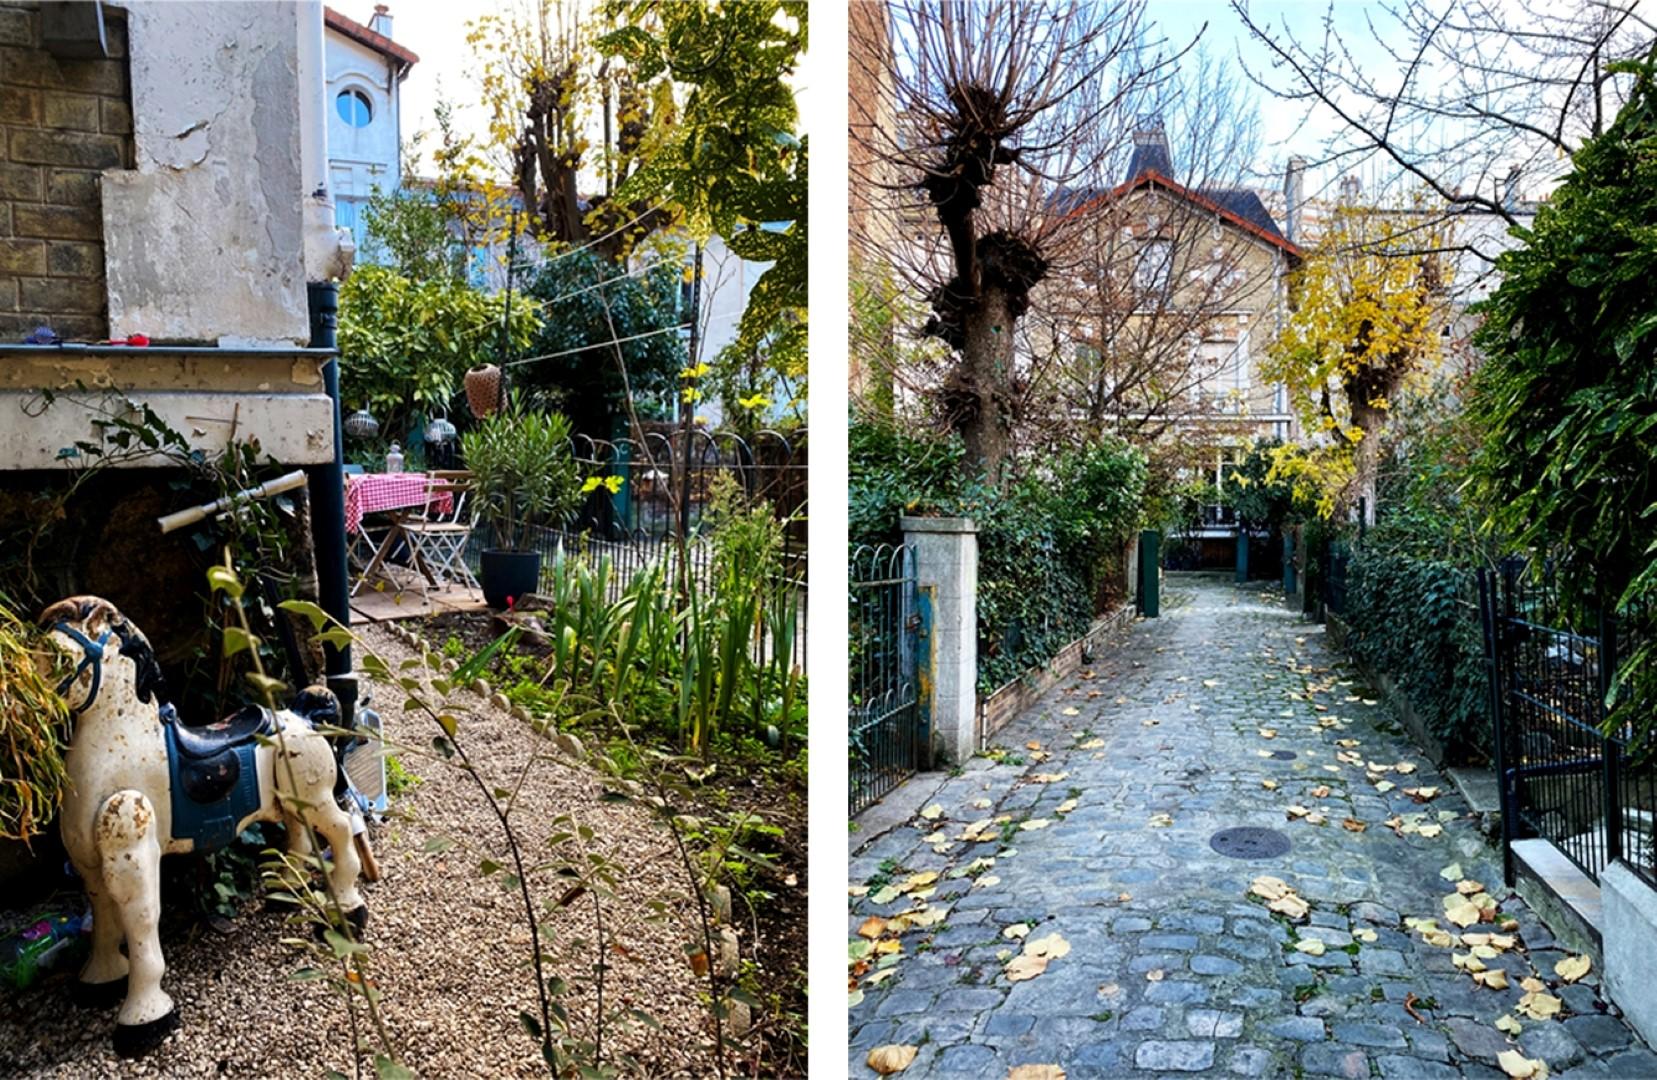 Balade le long de la rue de Belleville - Cours cachées - Villa des Fêtes